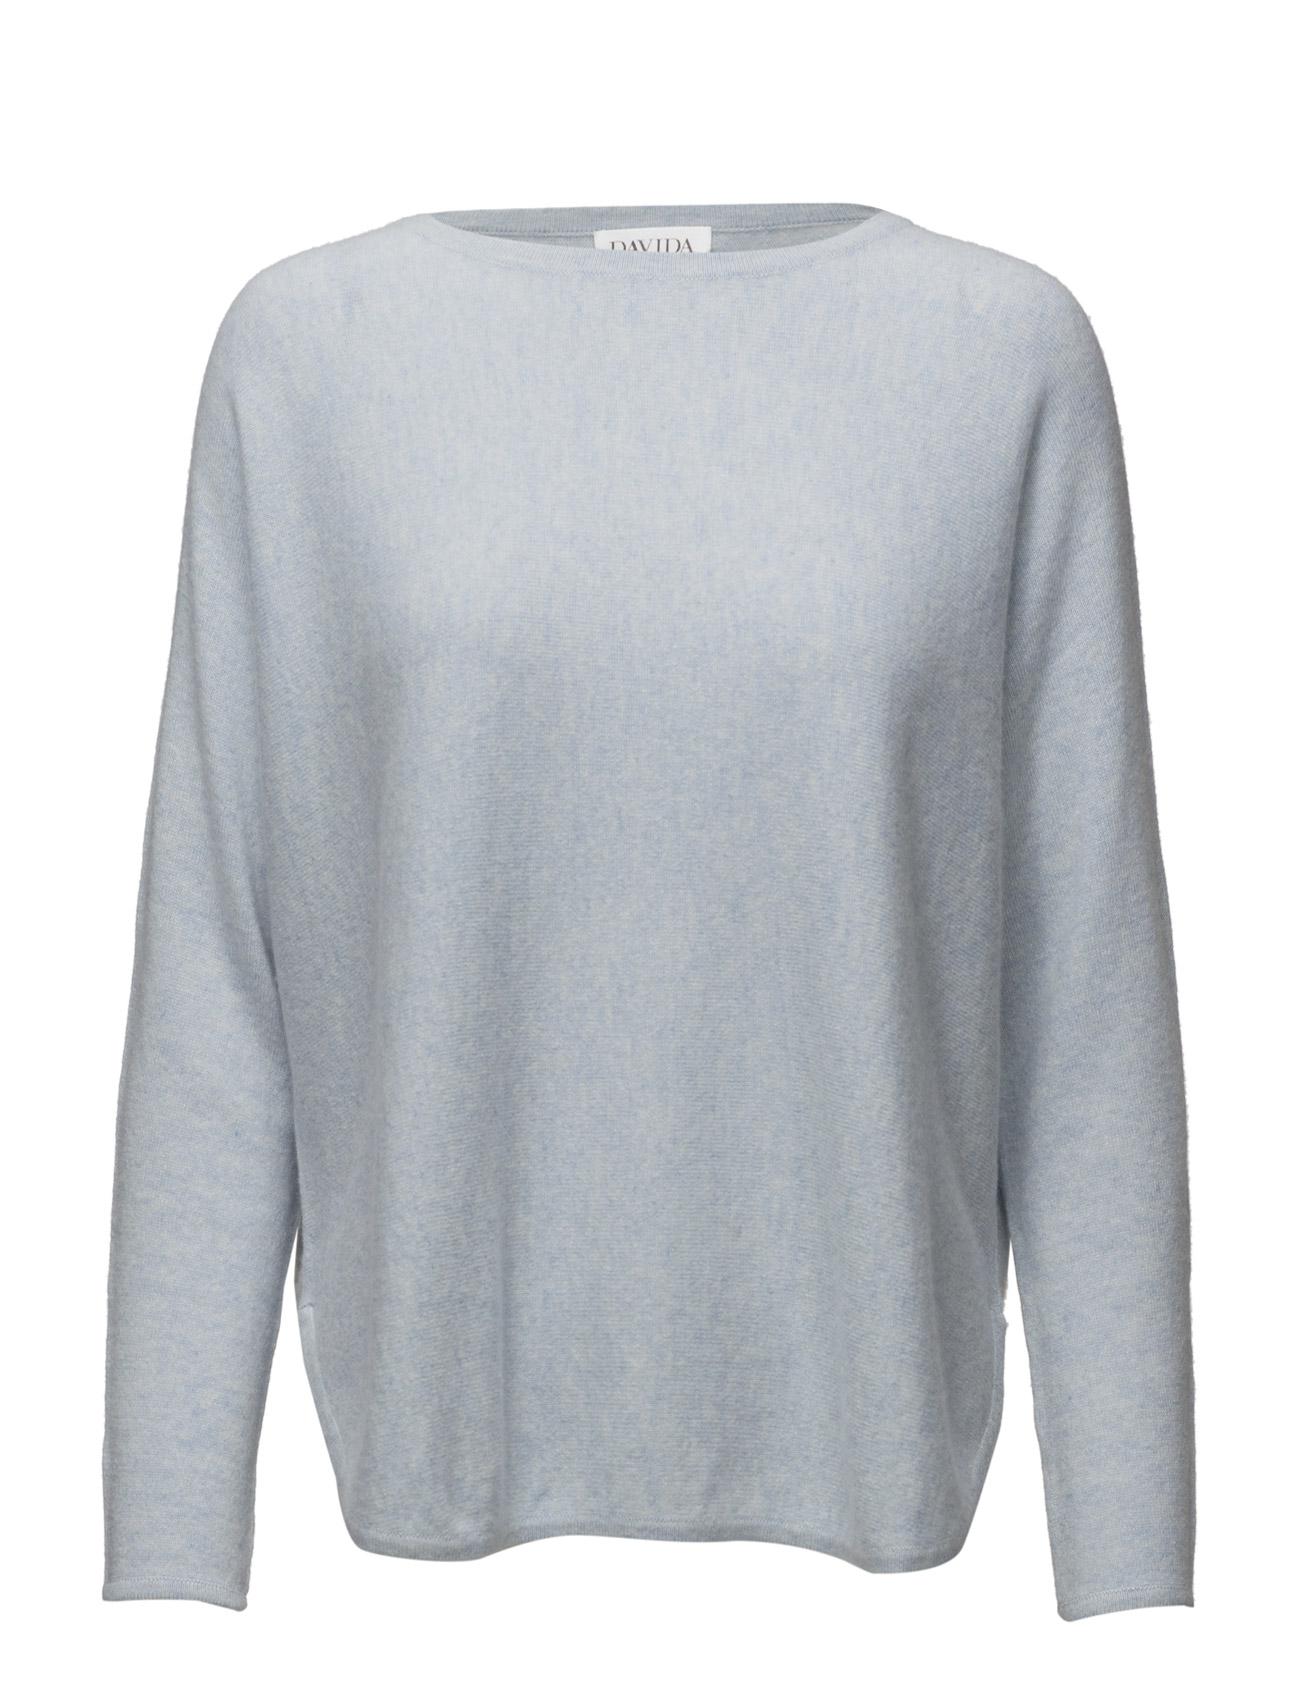 Curved Sweater Davida Cashmere Sweatshirts til Damer i